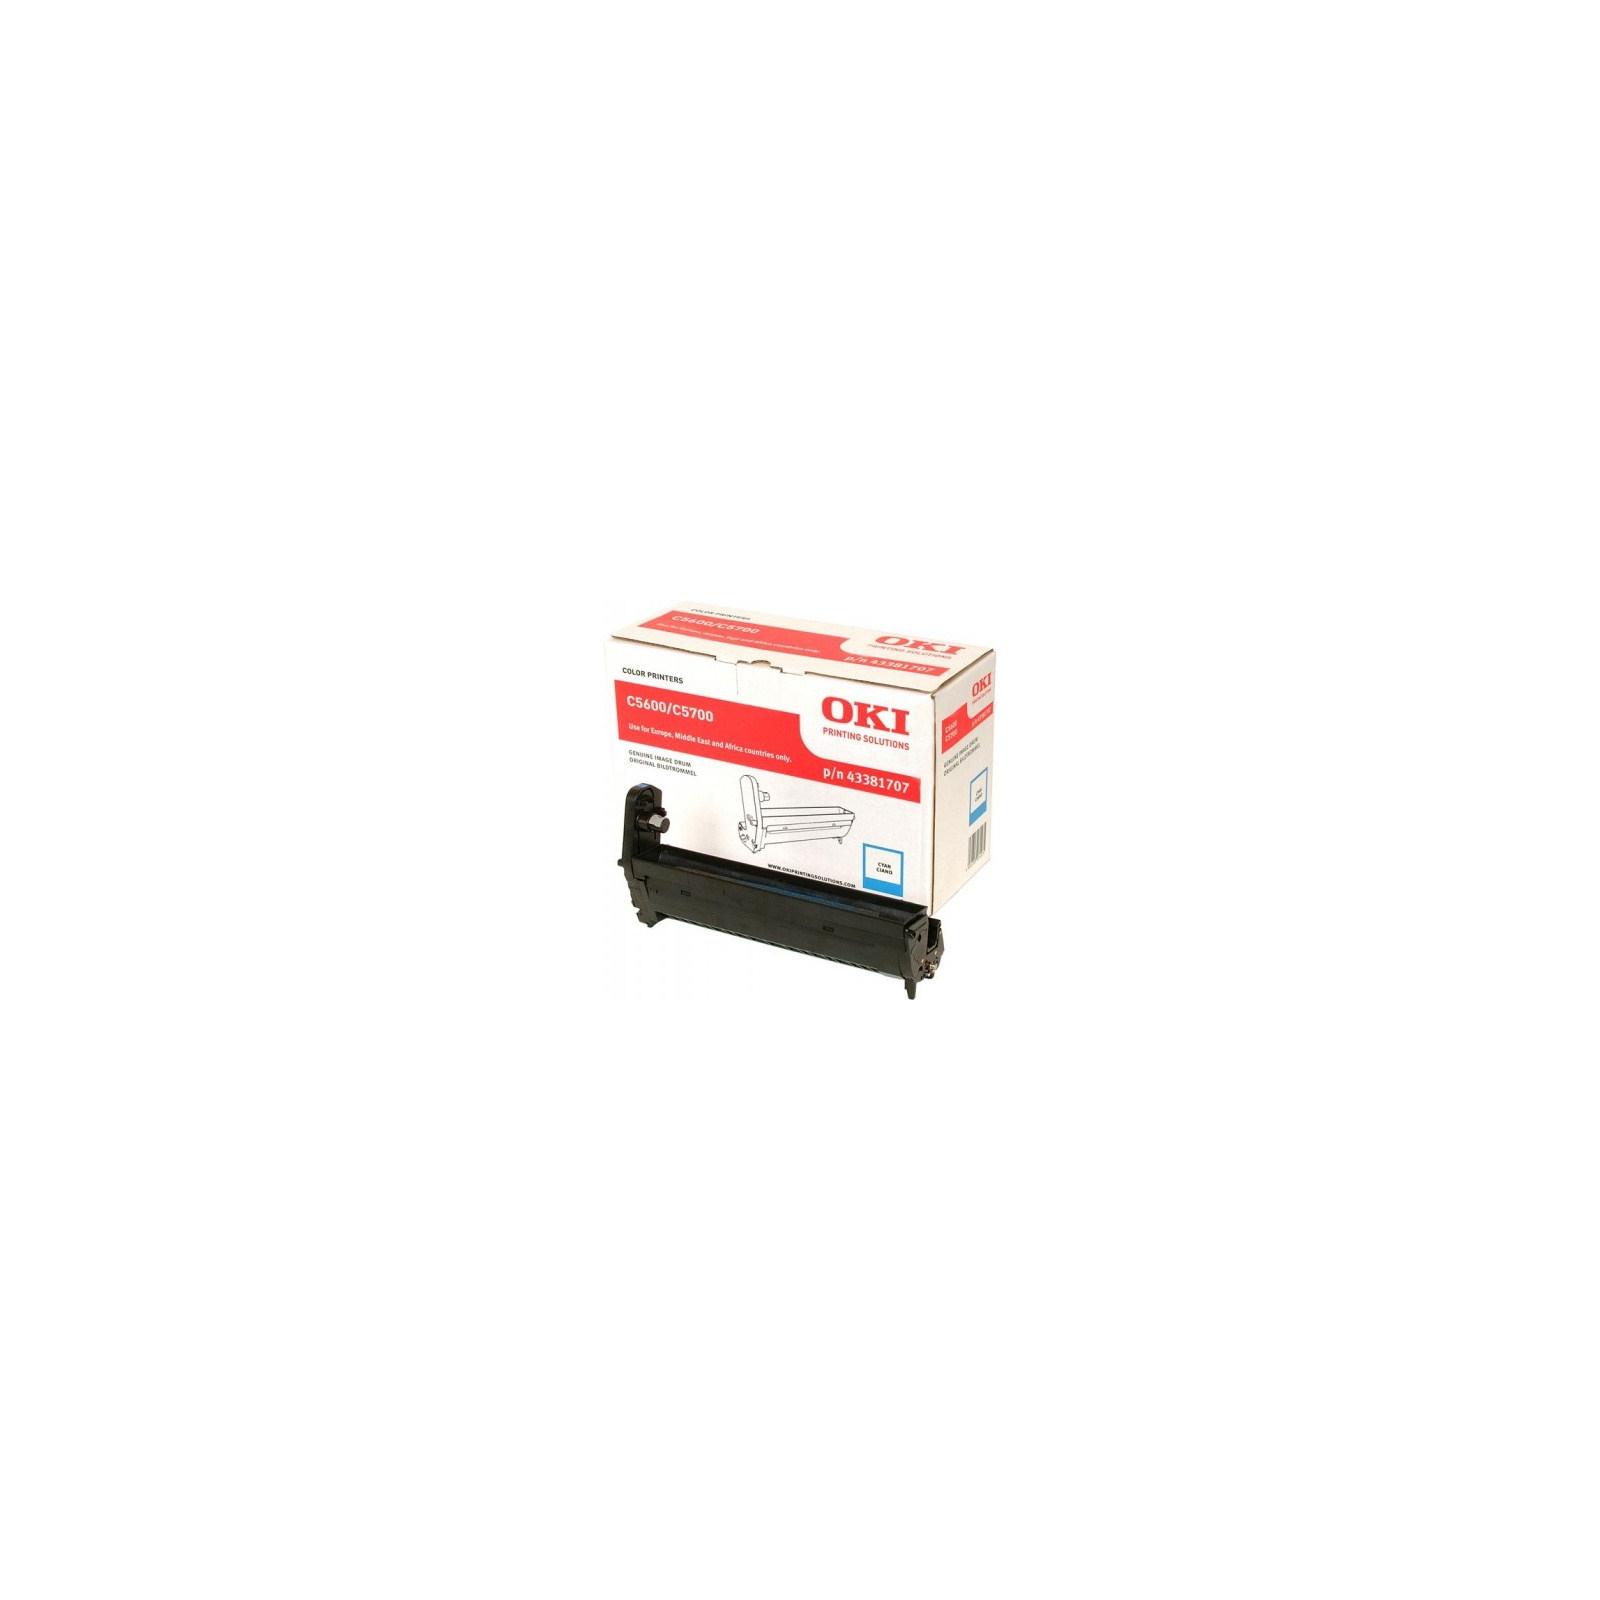 Фотокондуктор OKI C5600/5700 Cyan (43381707)